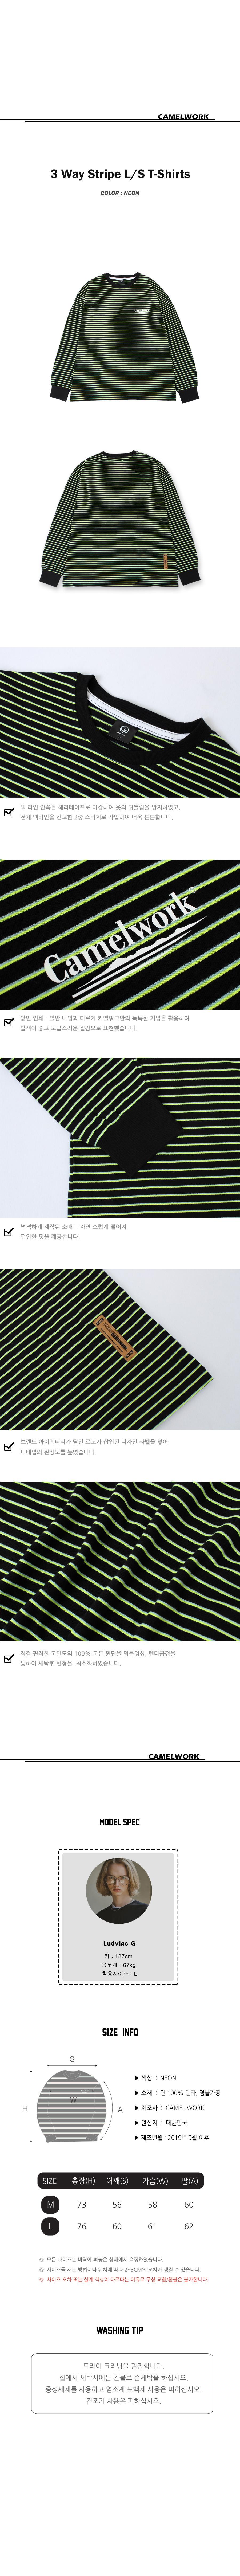 itStripe n2.jpg